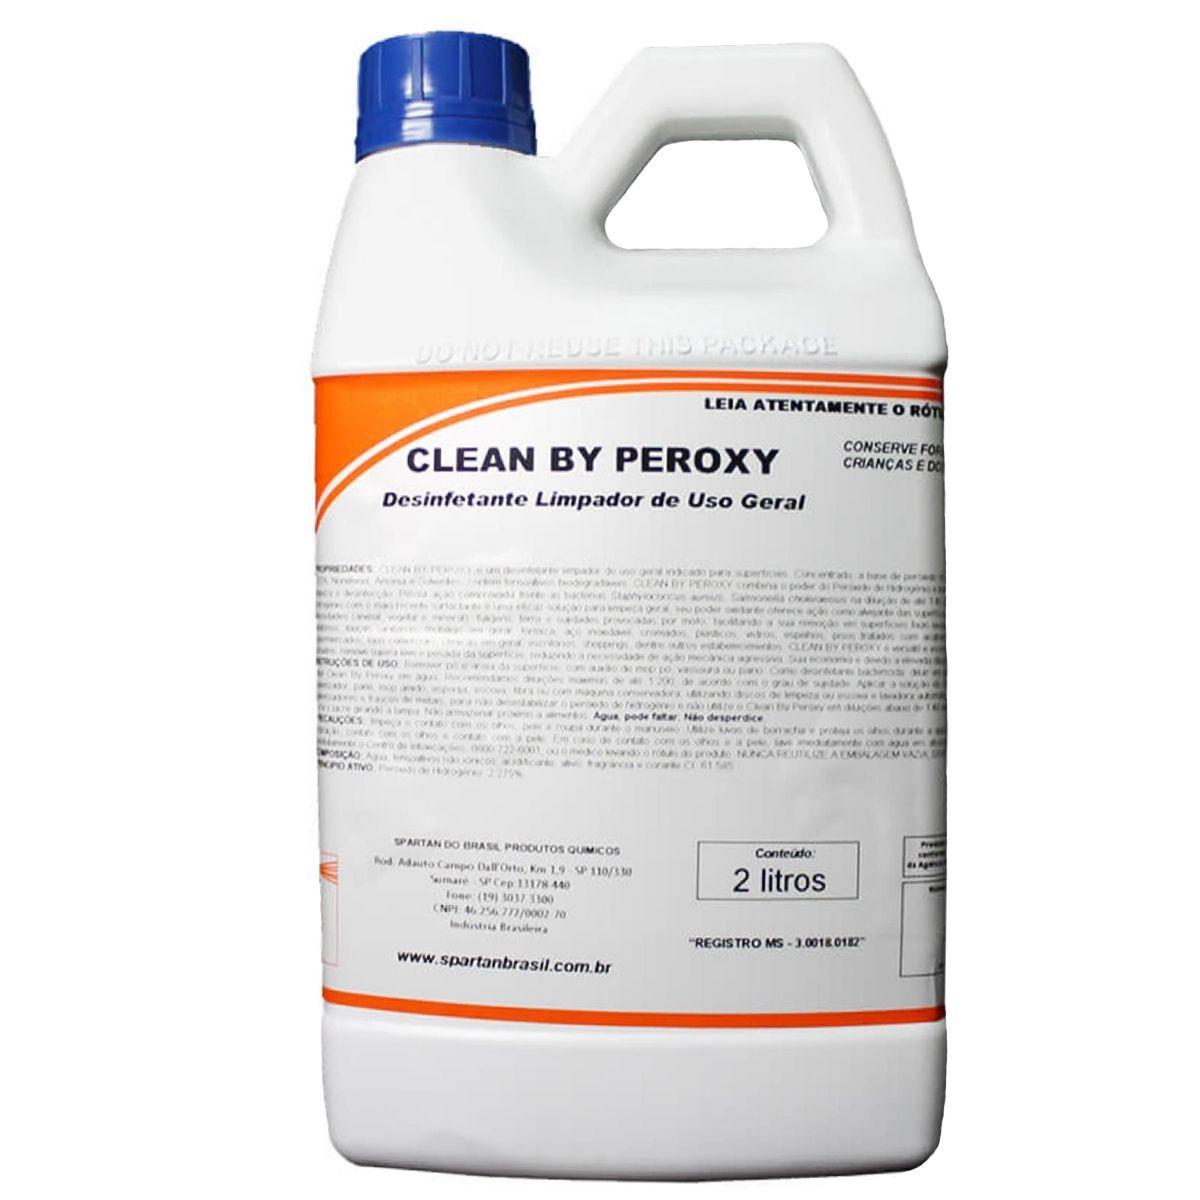 Limpador de uso geral Clean by Peroxy 2L Spartan